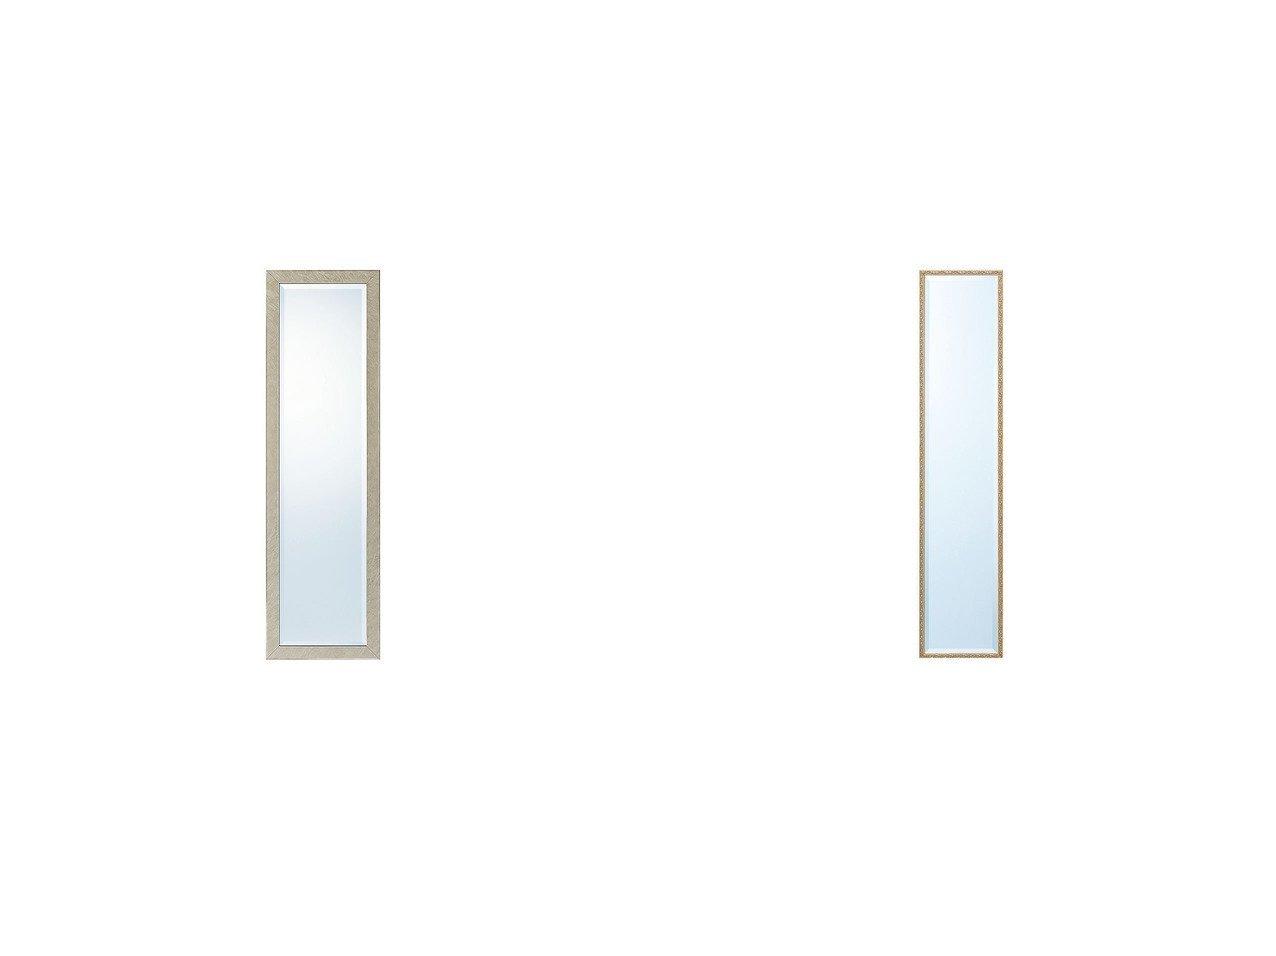 【FLYMEe Blanc/フライミー ブラン】のウォールミラー m77355&ウォールミラー m77350 【ミラー・鏡 お家時間 FURNITURE】おすすめ!人気、インテリア雑貨・家具の通販 おすすめで人気の流行・トレンド、ファッションの通販商品 インテリア・家具・メンズファッション・キッズファッション・レディースファッション・服の通販 founy(ファニー) https://founy.com/ 送料無料 Free Shipping シンプル スタンド フレーム ホーム・キャンプ・アウトドア Home,Garden,Outdoor,Camping Gear 家具・インテリア Furniture ミラー・ドレッサー Mirror ミラー・鏡 ホーム・キャンプ・アウトドア Home,Garden,Outdoor,Camping Gear 家具・インテリア Furniture ミラー・ドレッサー Mirror ドレッサー  ID:crp329100000054457